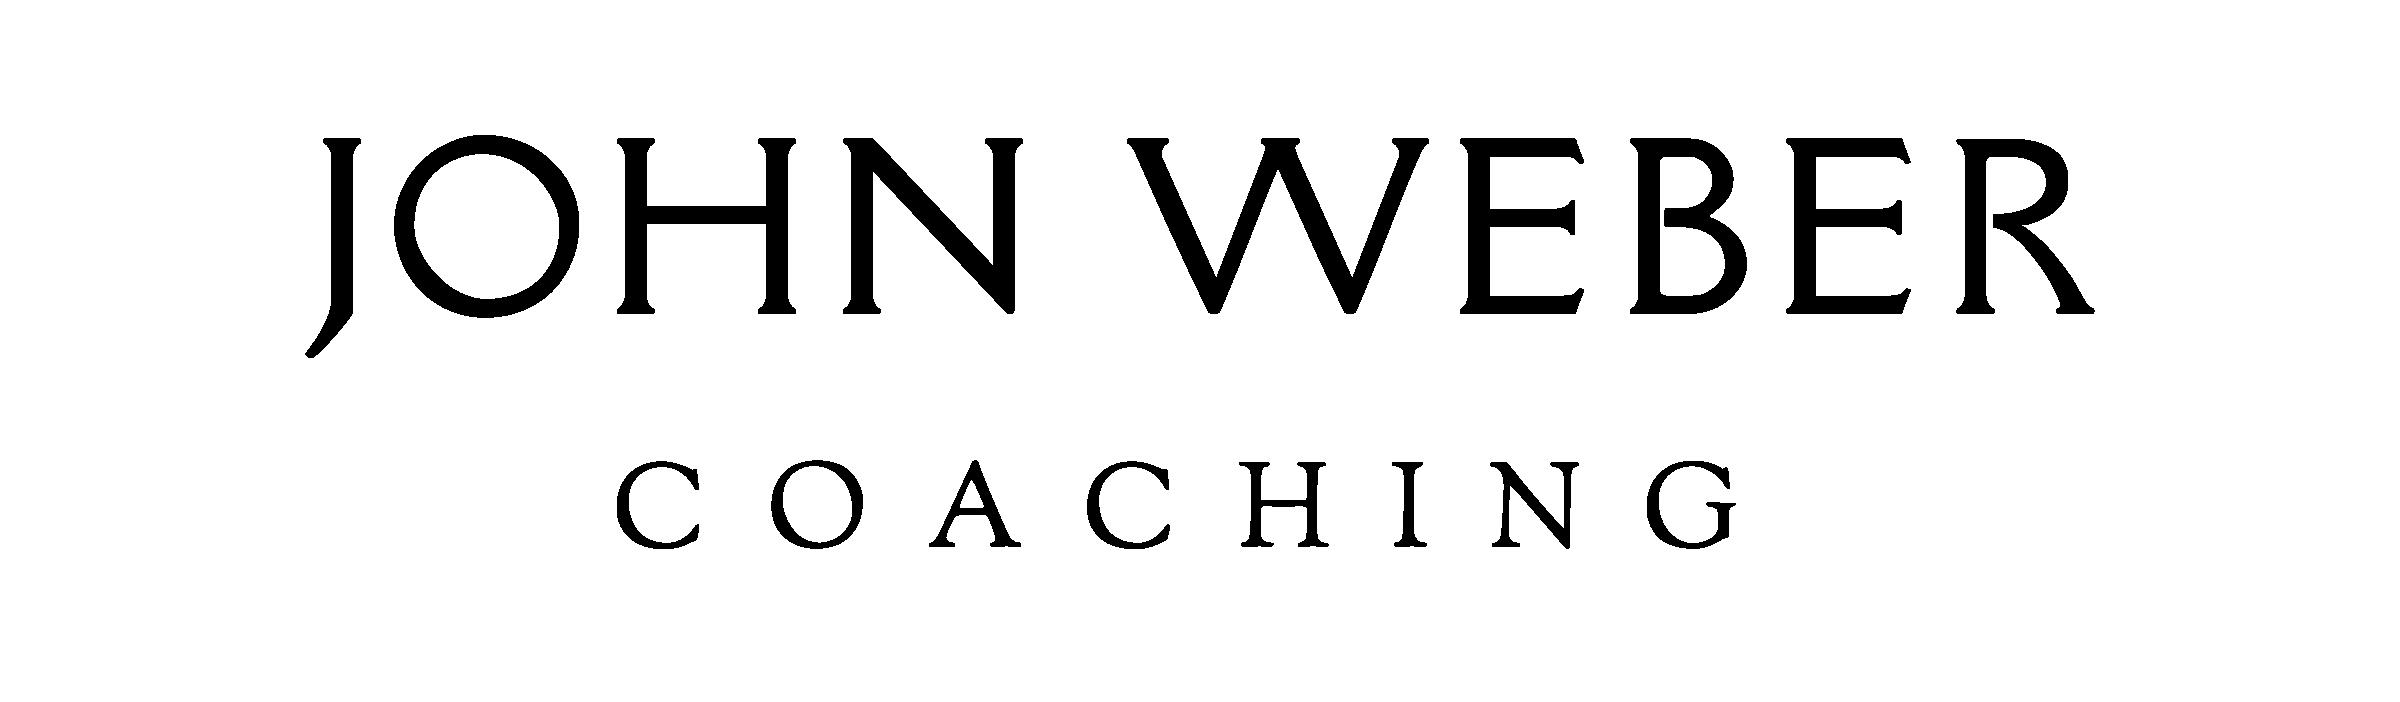 johnwebercoaching_logo_final-02.png